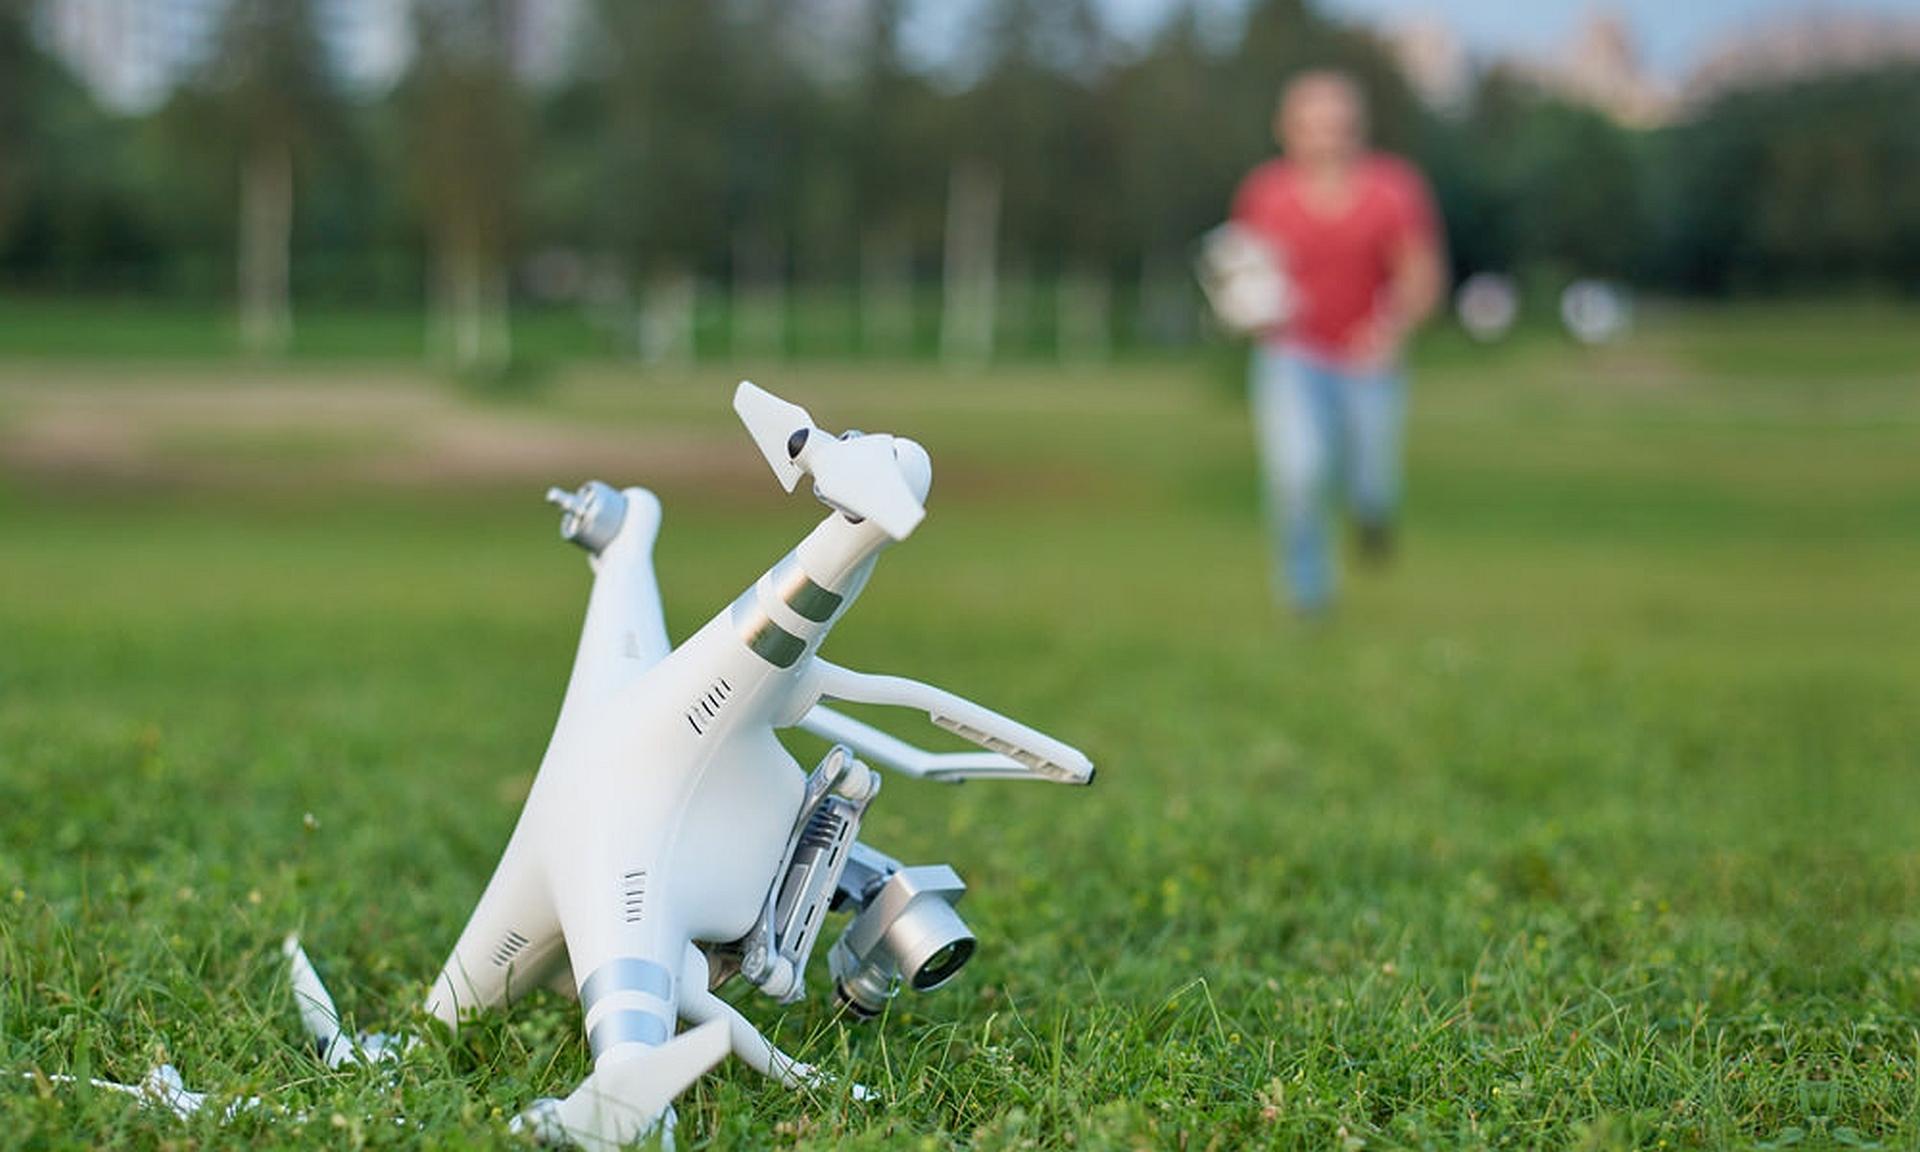 wypadek drona ironsky szkolenie podstawowe z obsługi drona kurs online